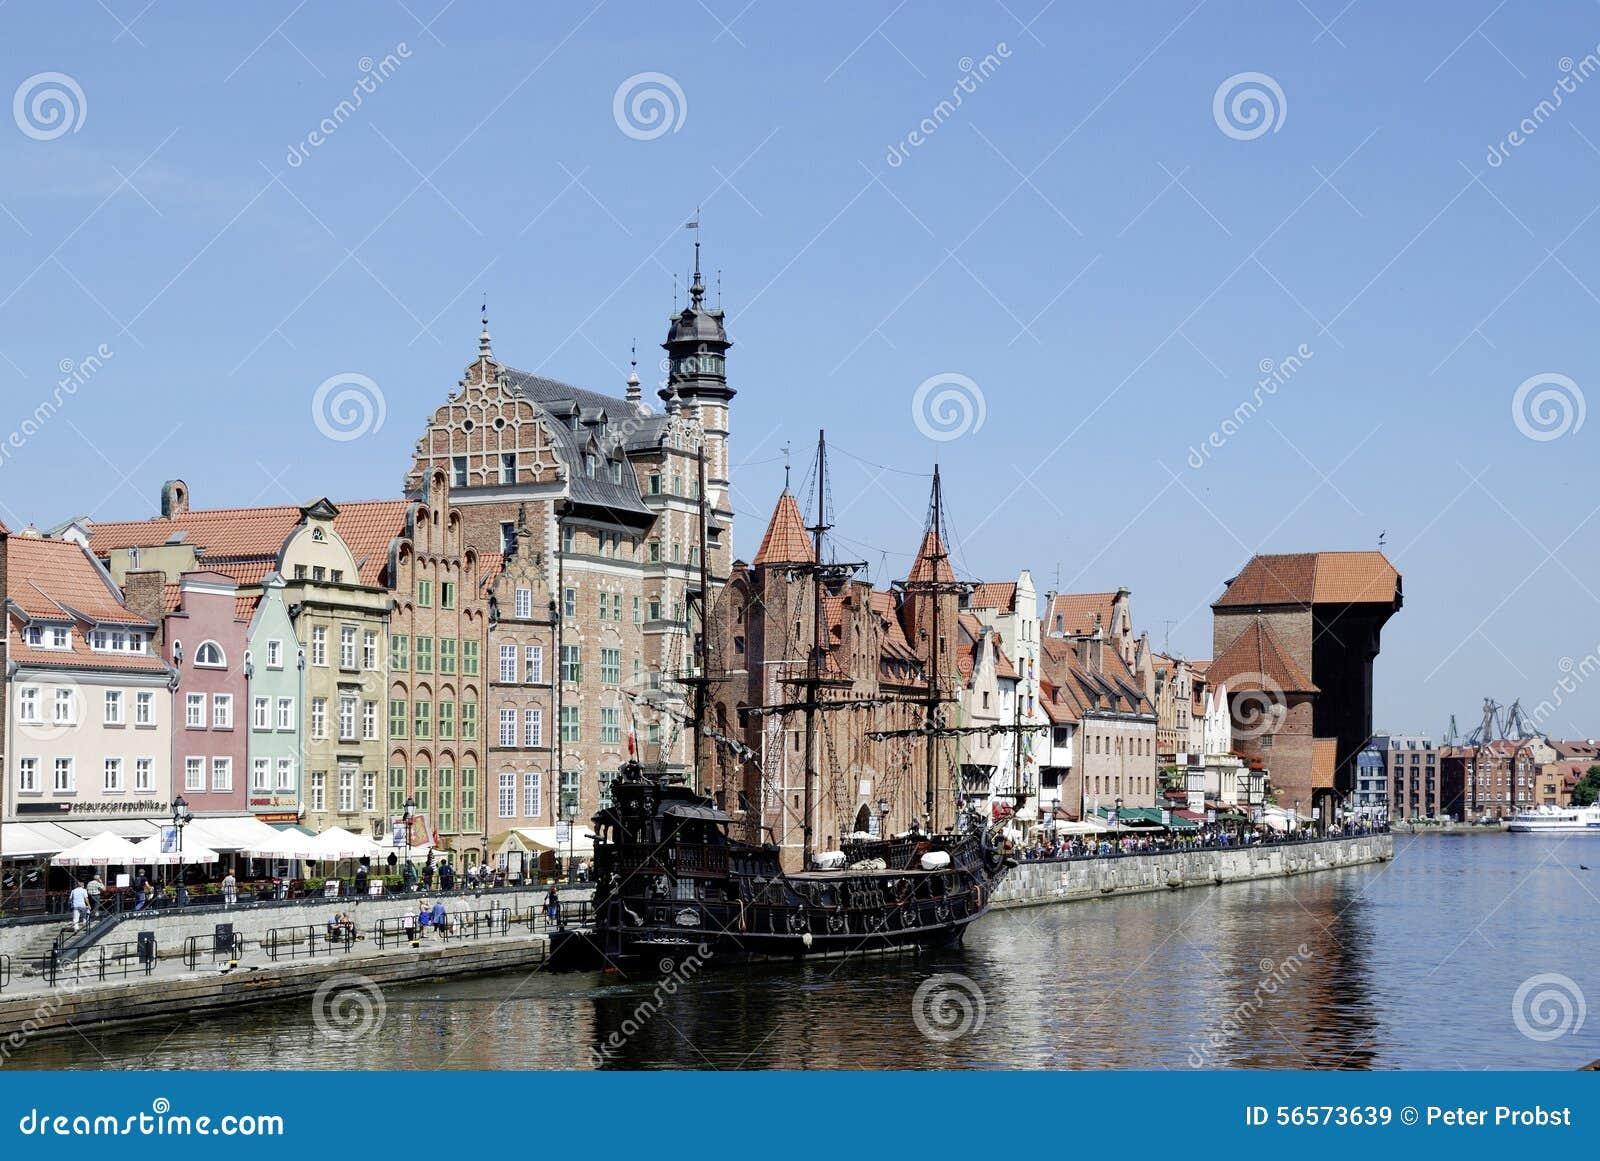 Download Ιστορική παλαιά πόλη του Γντανσκ στην Πολωνία Εκδοτική Στοκ Εικόνα - εικόνα από αρχιτεκτονικής, τουρισμός: 56573639